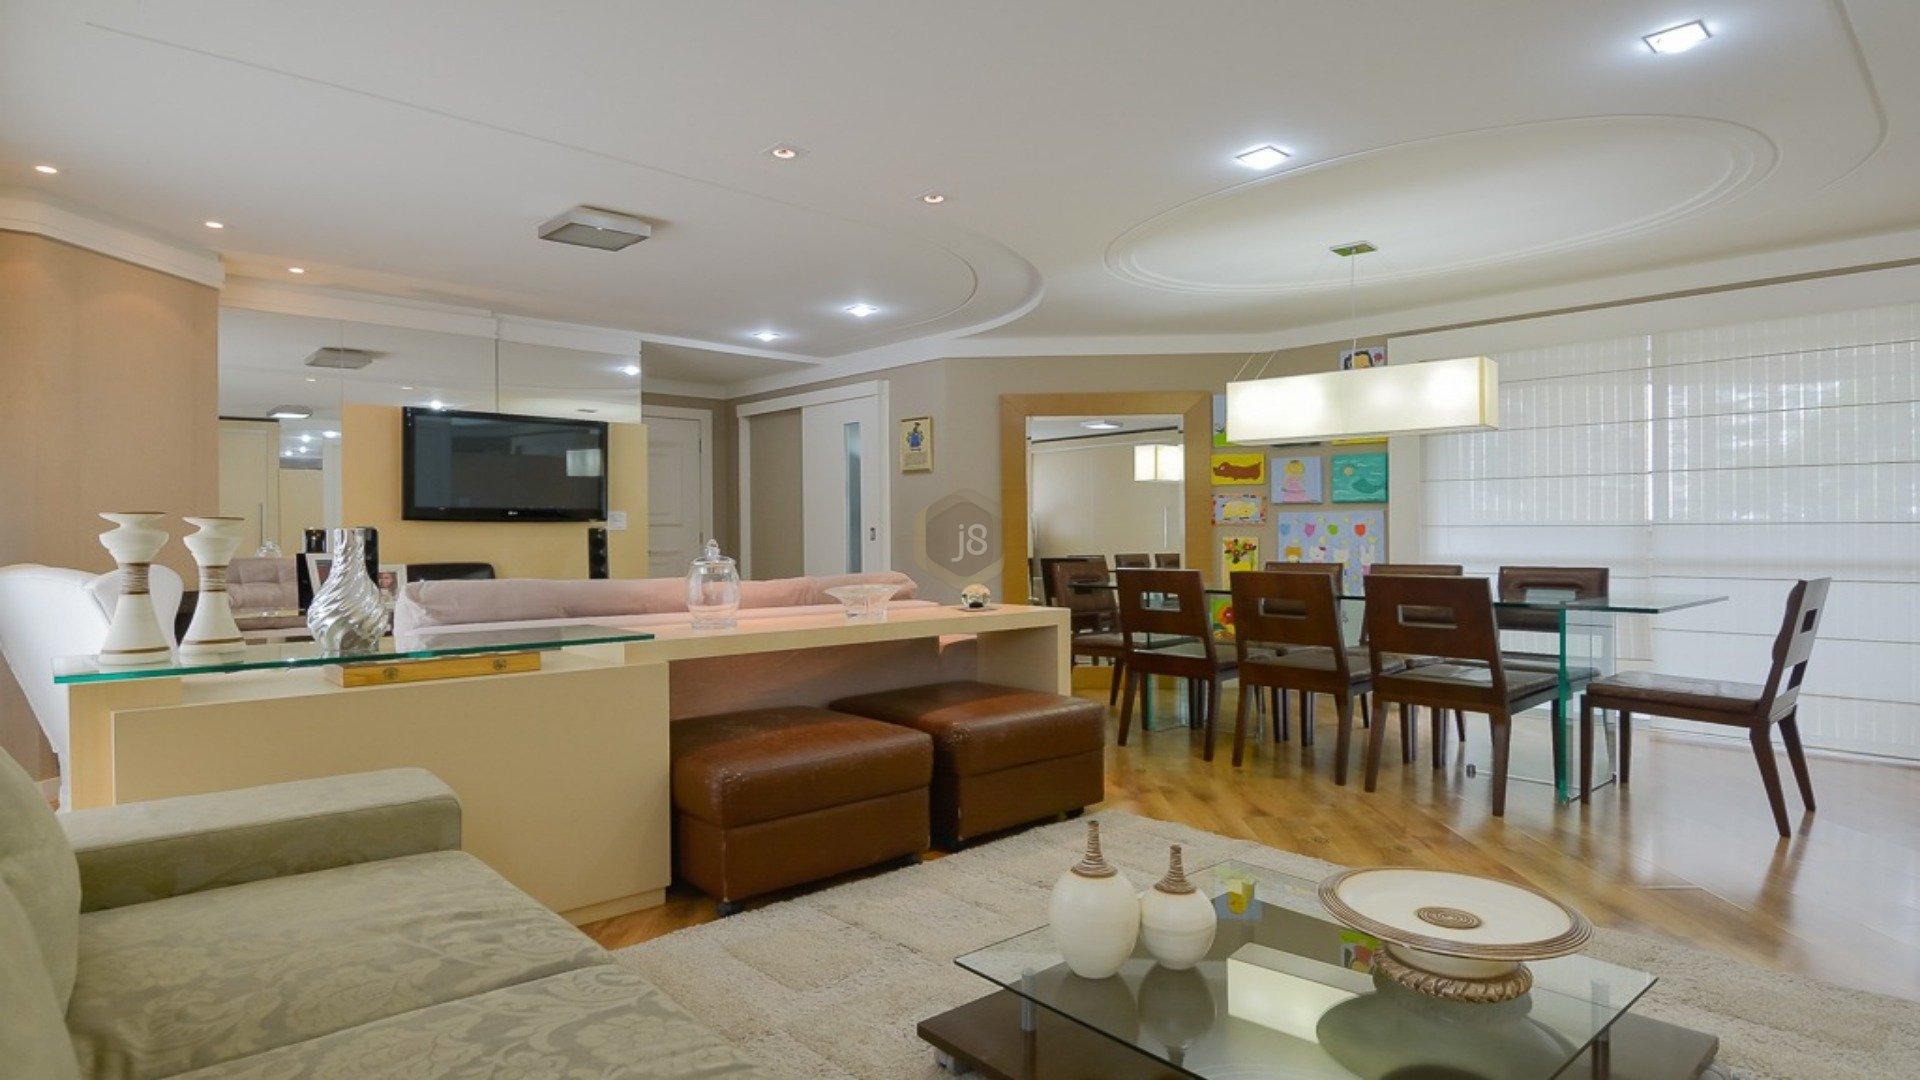 Foto de destaque Apartamento em ótima localização no ecoville com 3 vagas de garagem